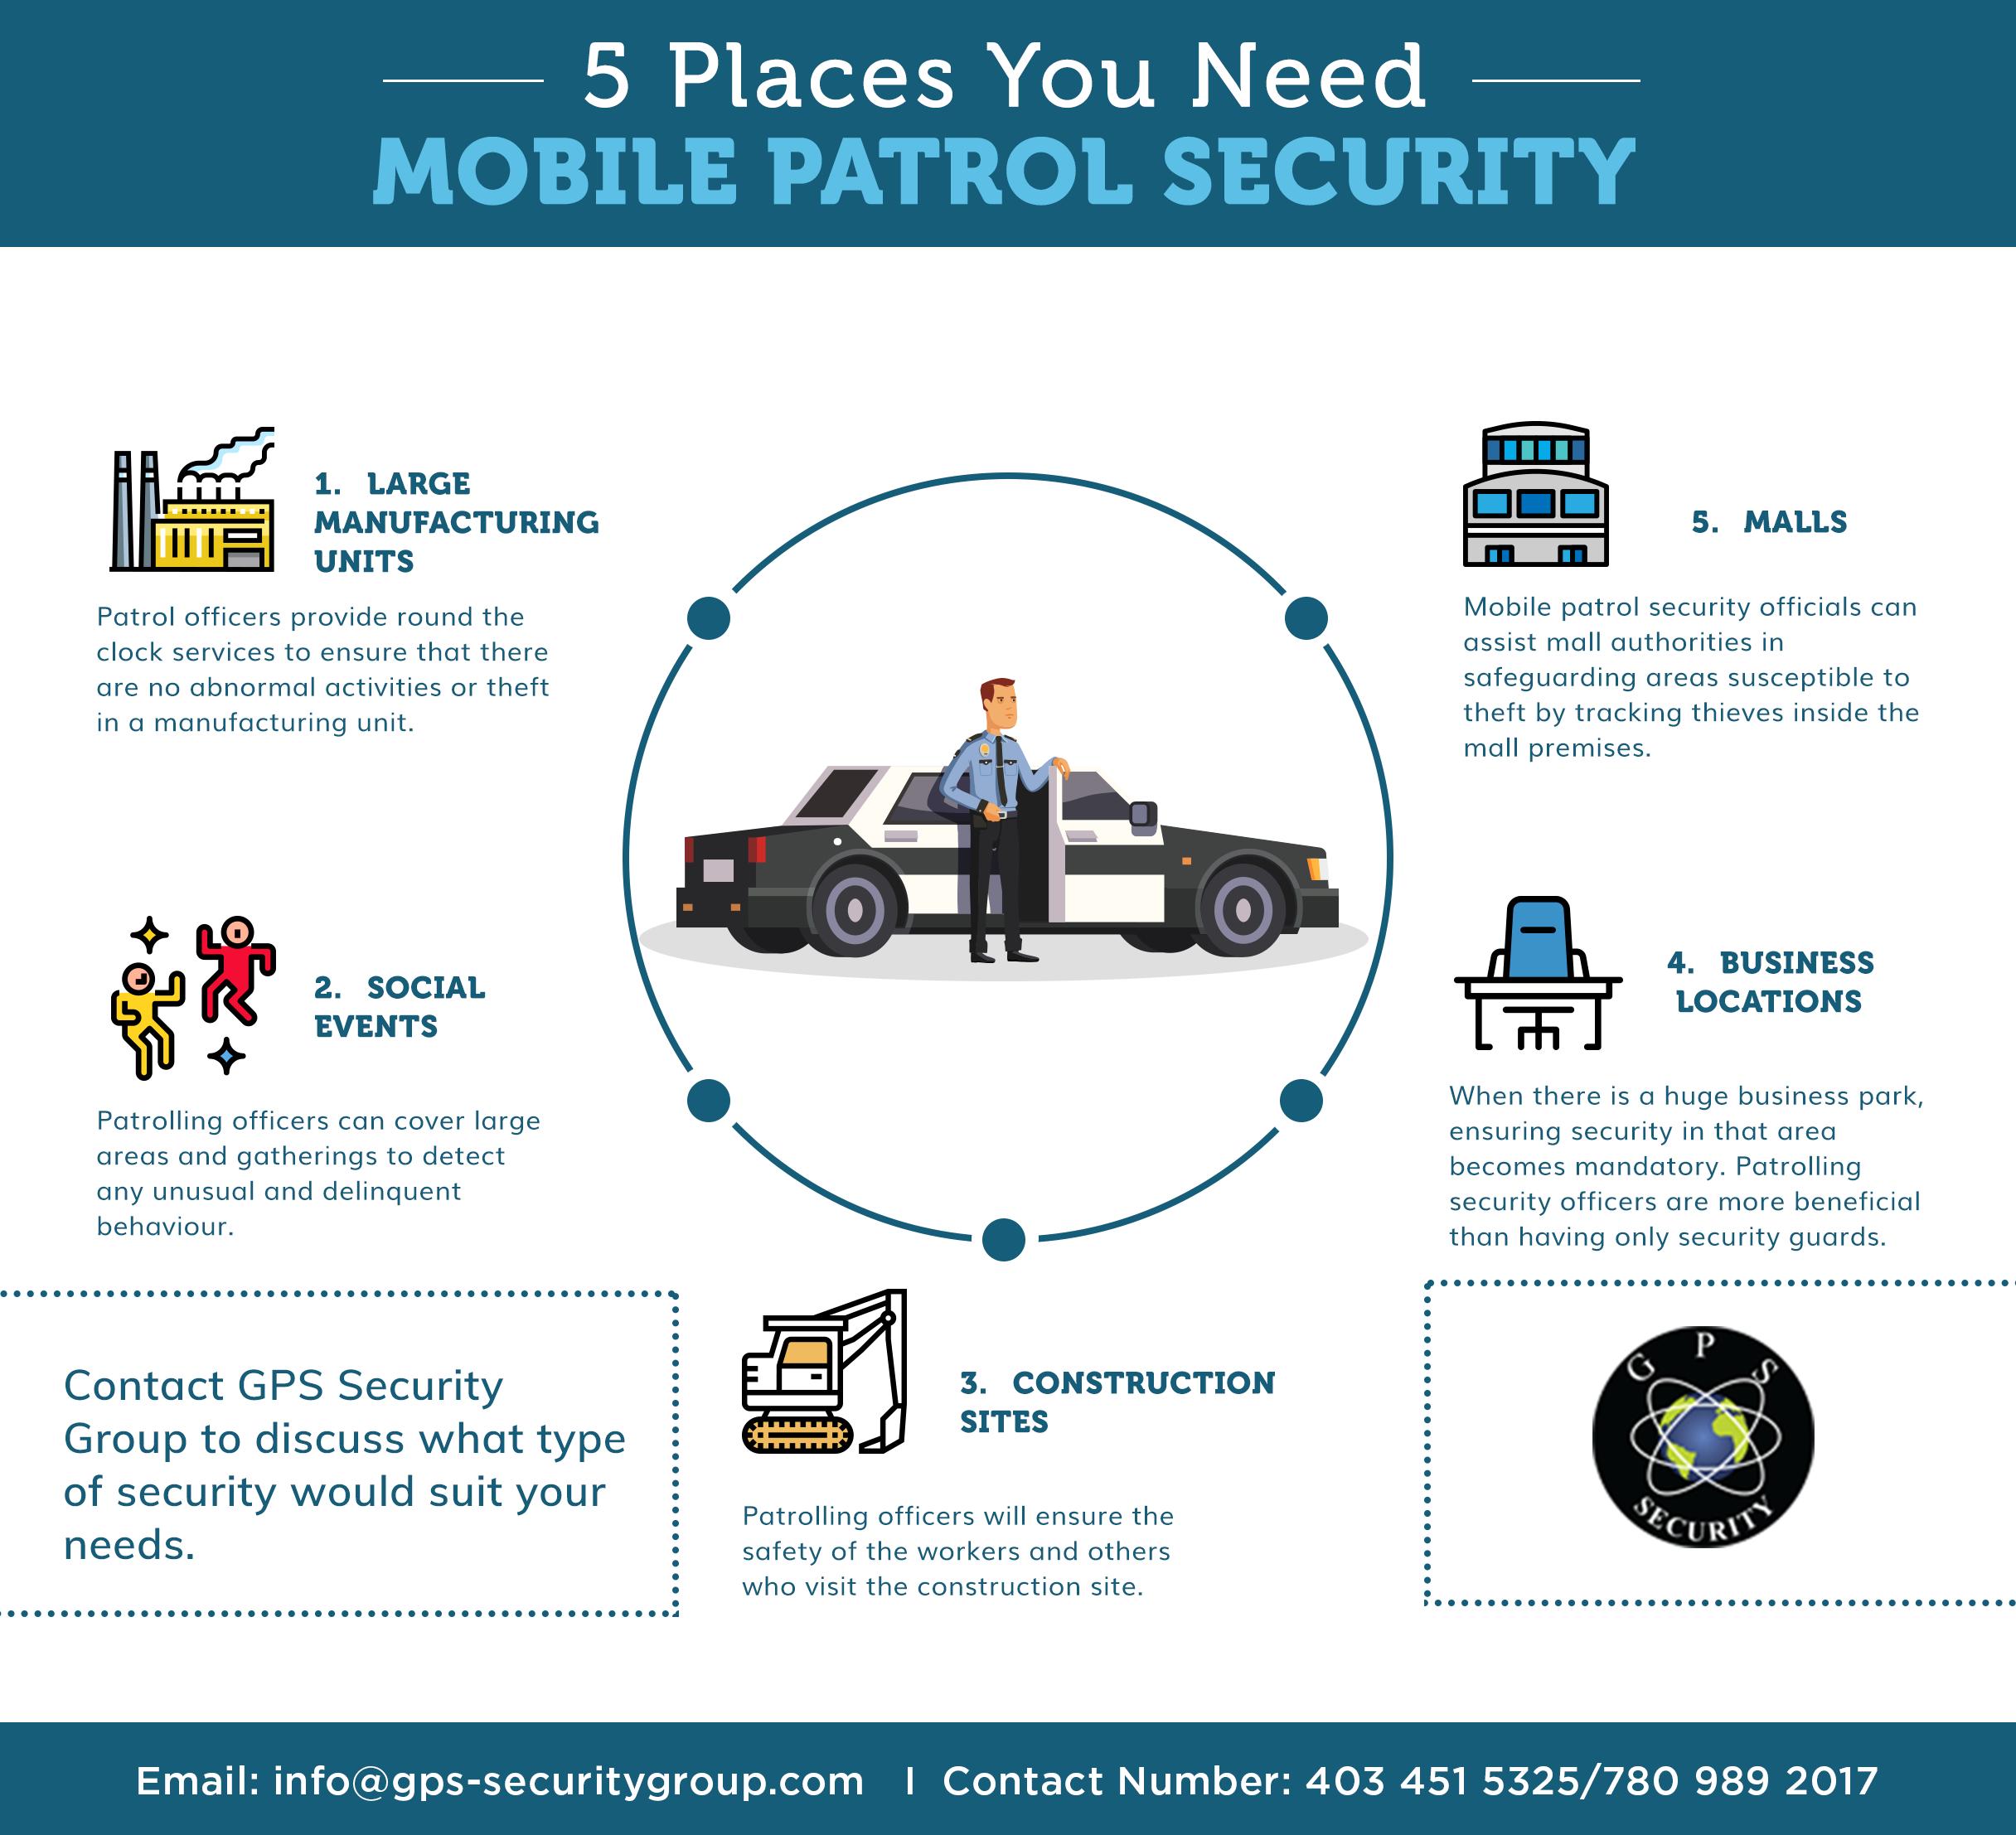 Mobile Patrol Security in Alberta